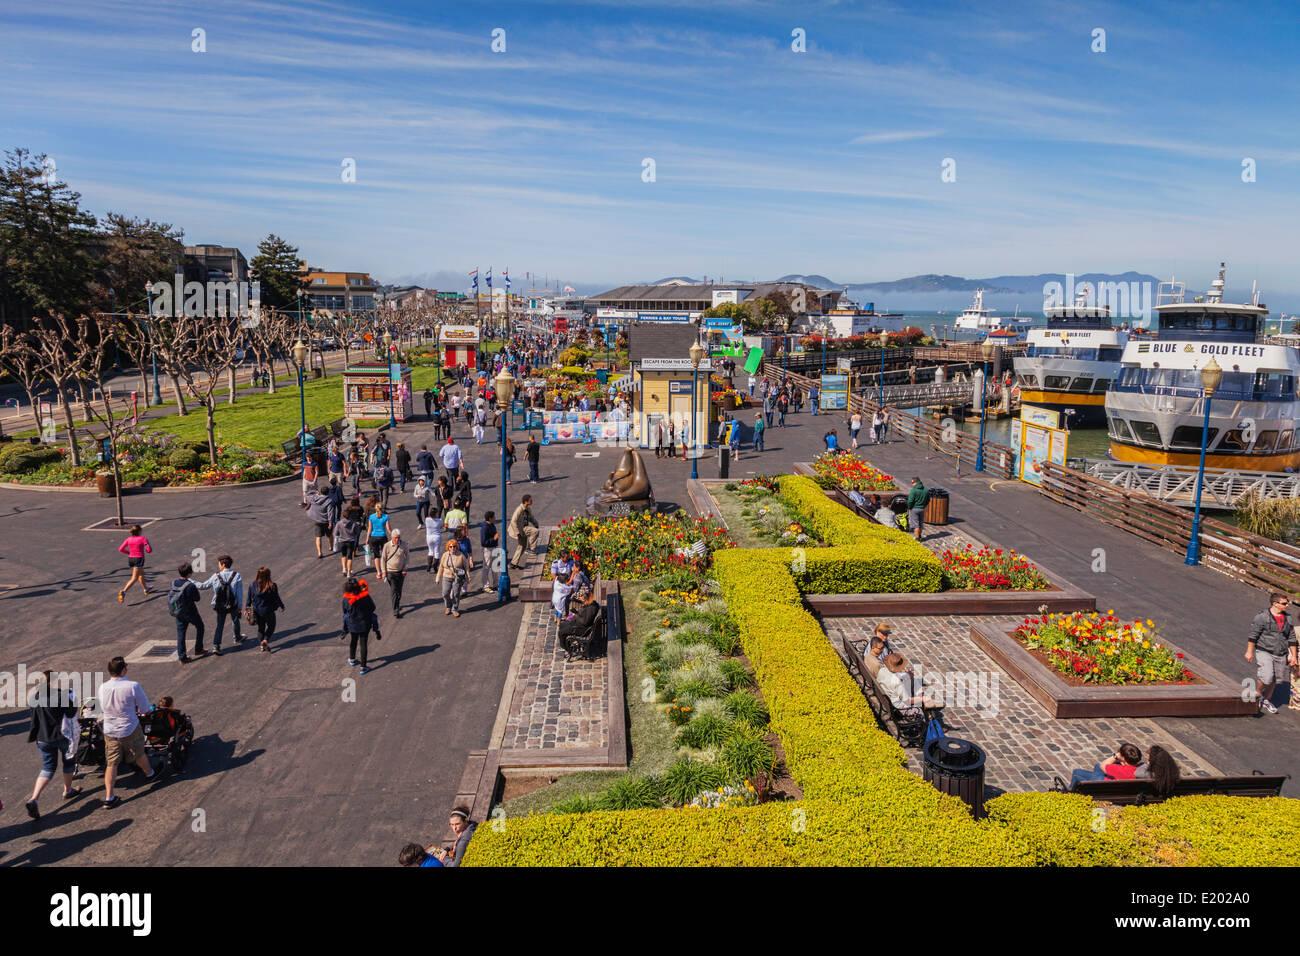 San Francisco, de l'Embarcadero, près de Pier 39. Photo Stock